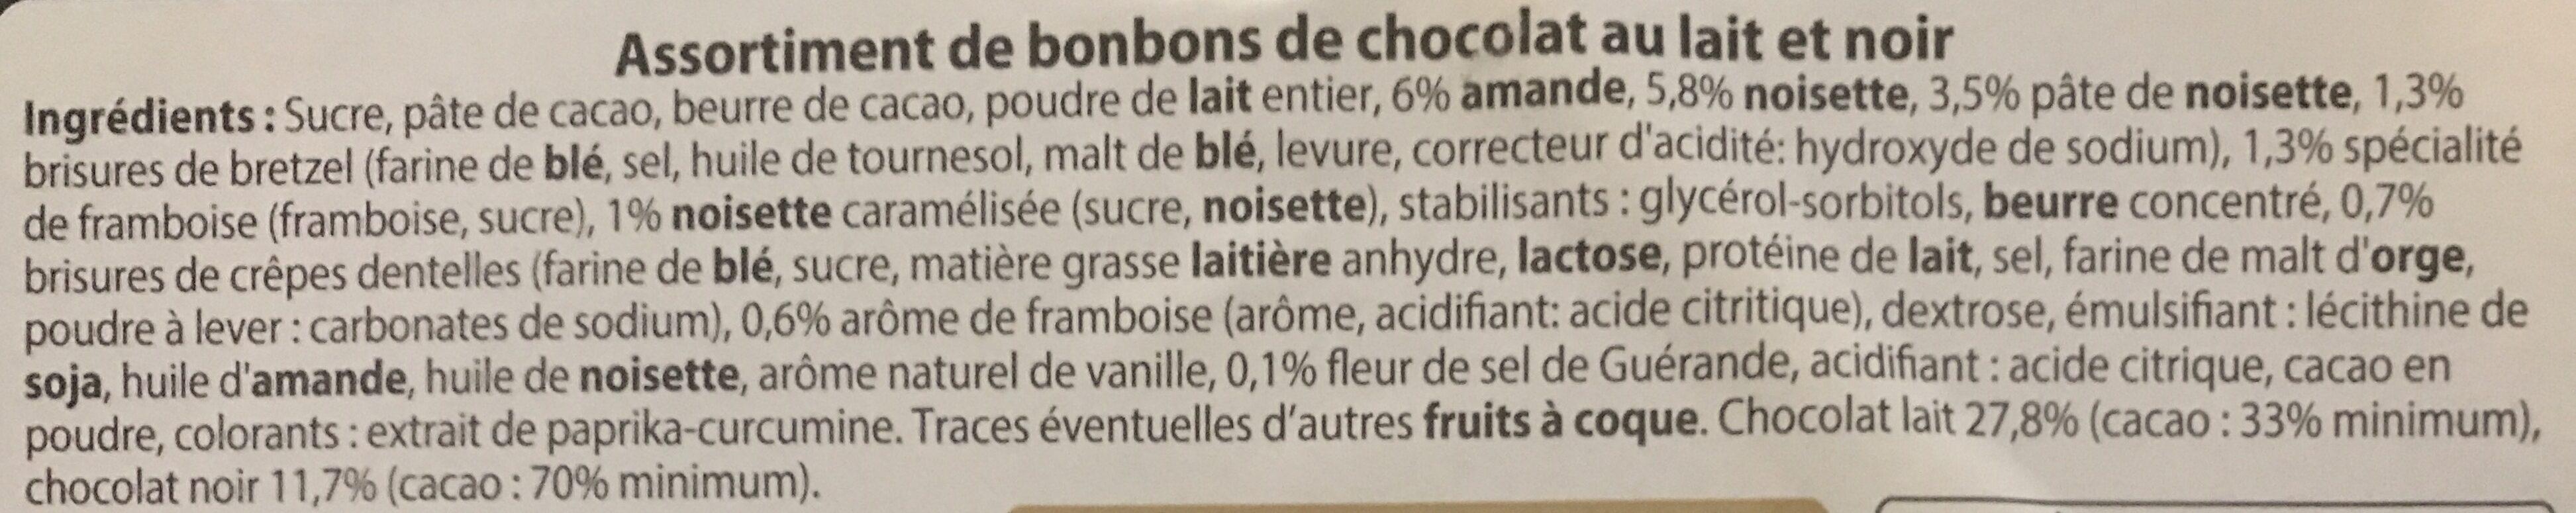 Bonbons de Chocolat au Lait - Ingredients